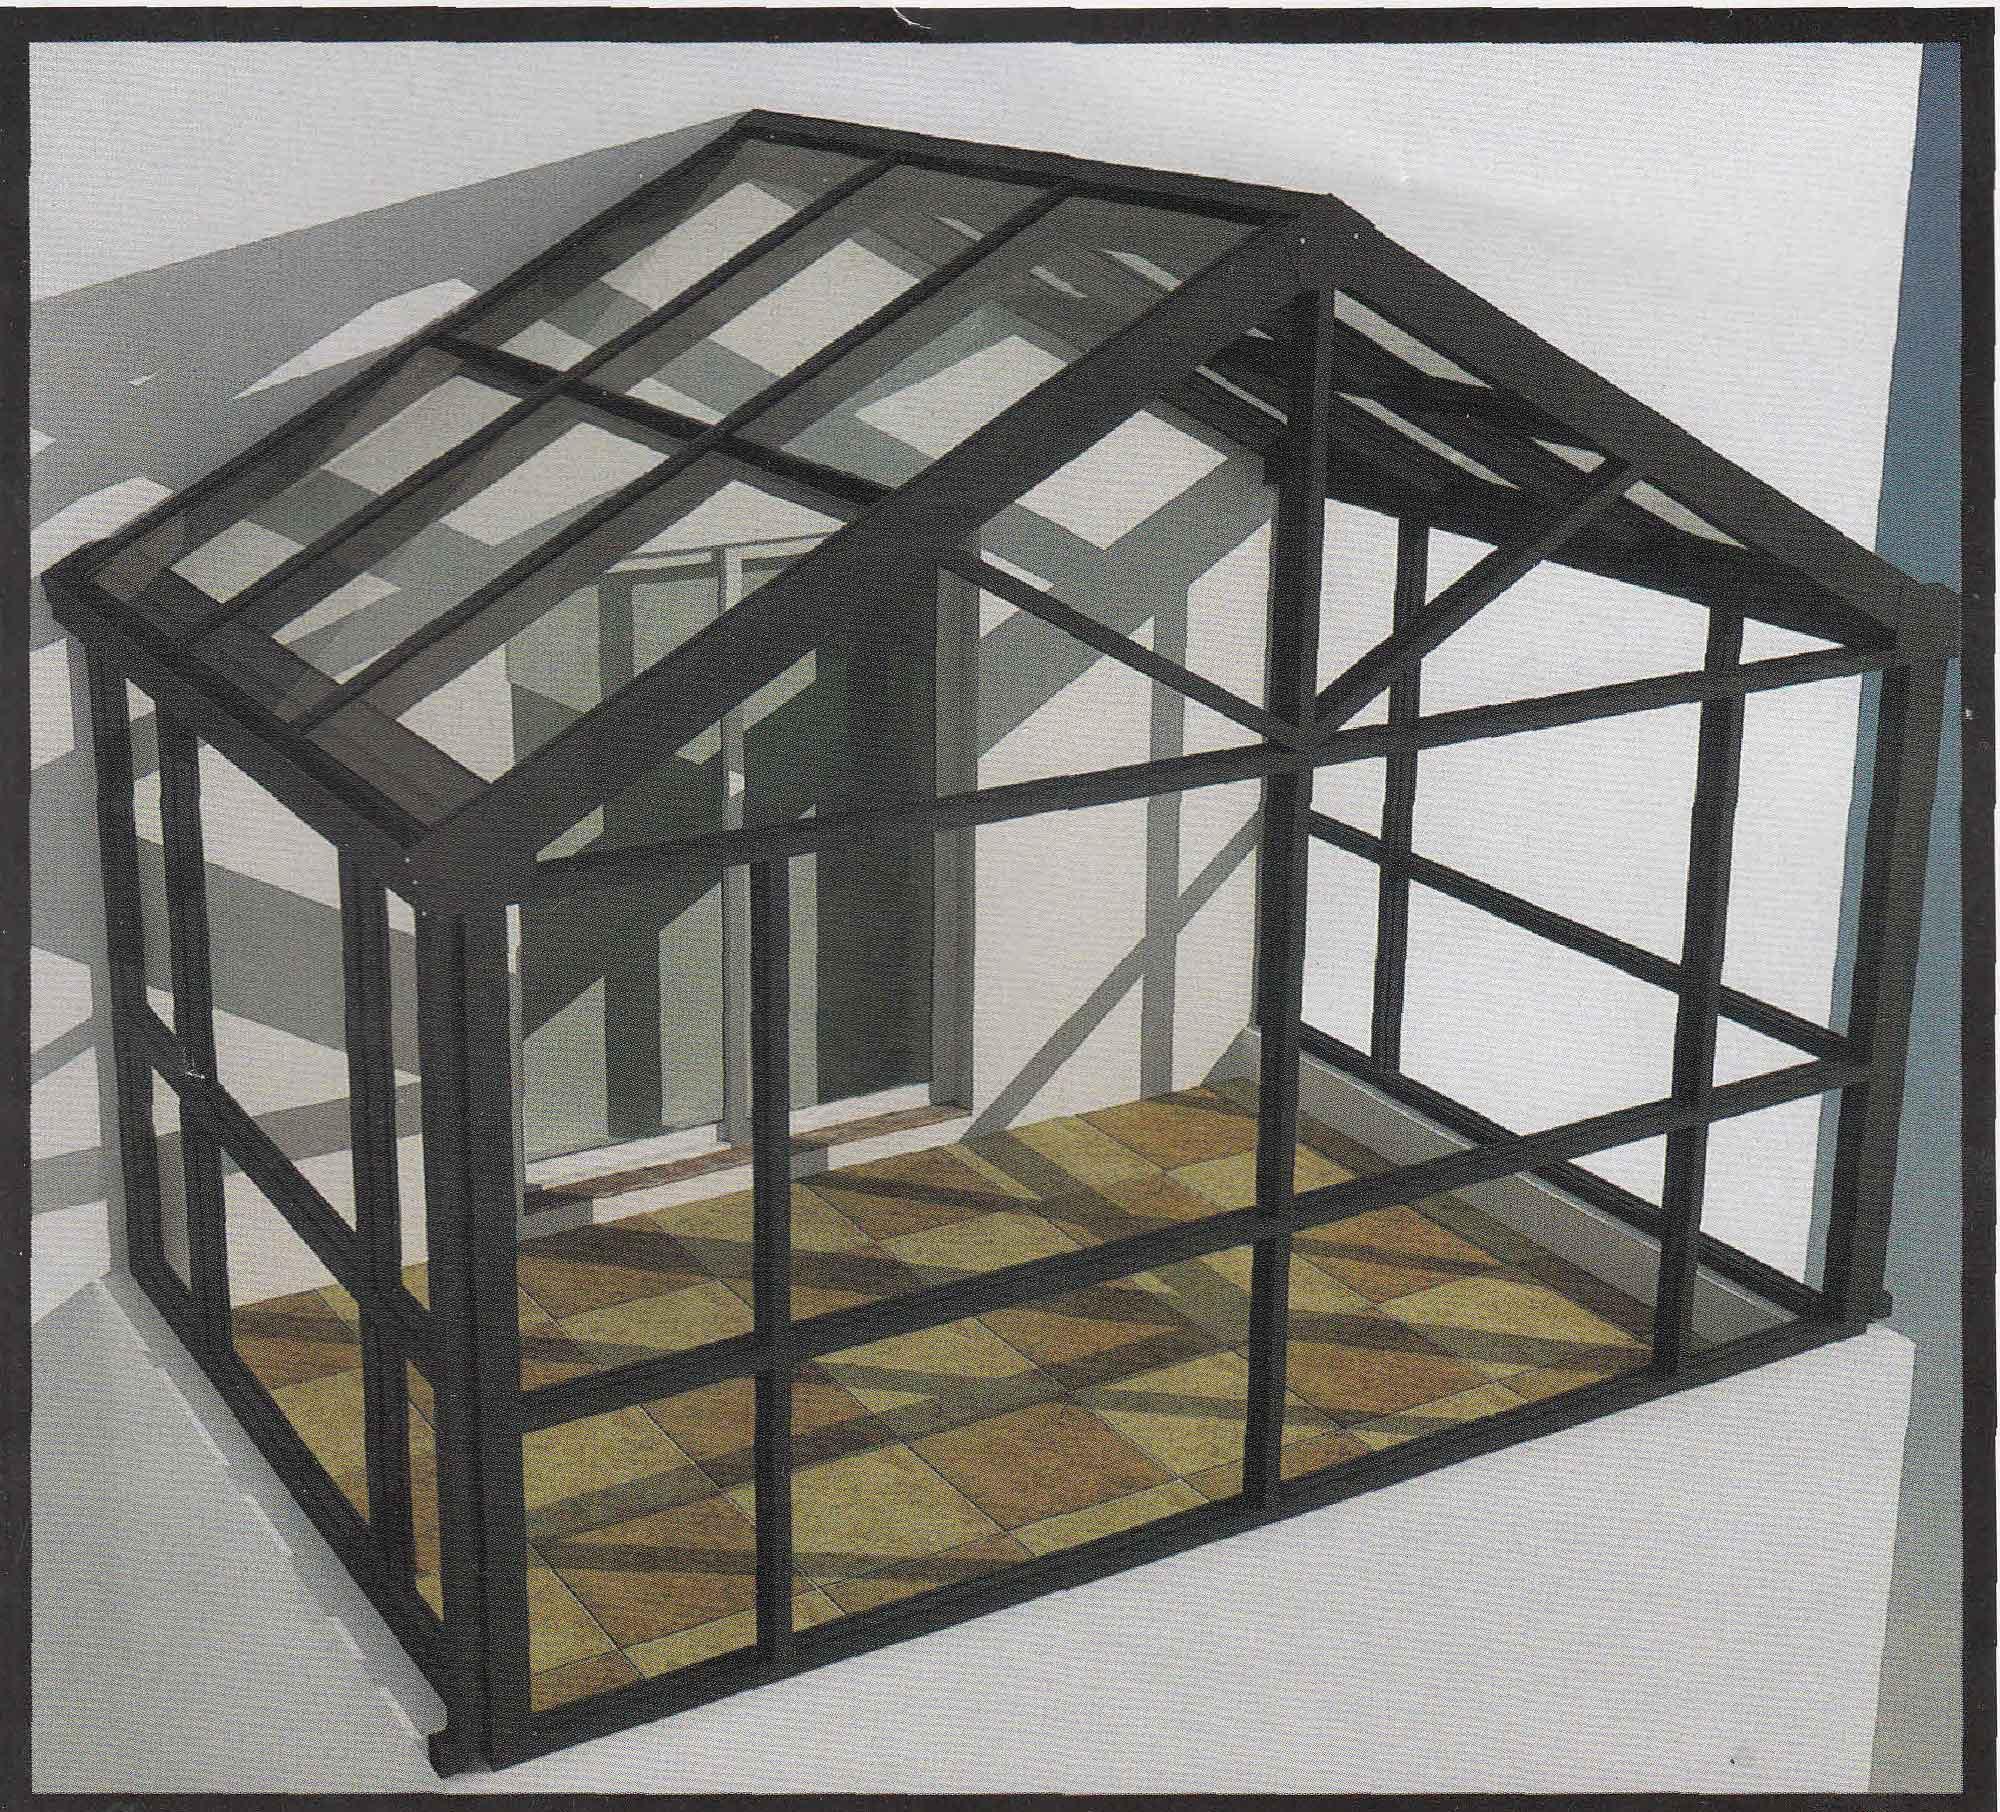 选择专业化的阳光房系统,可以实现关于采光和设计几乎所有可能的设计